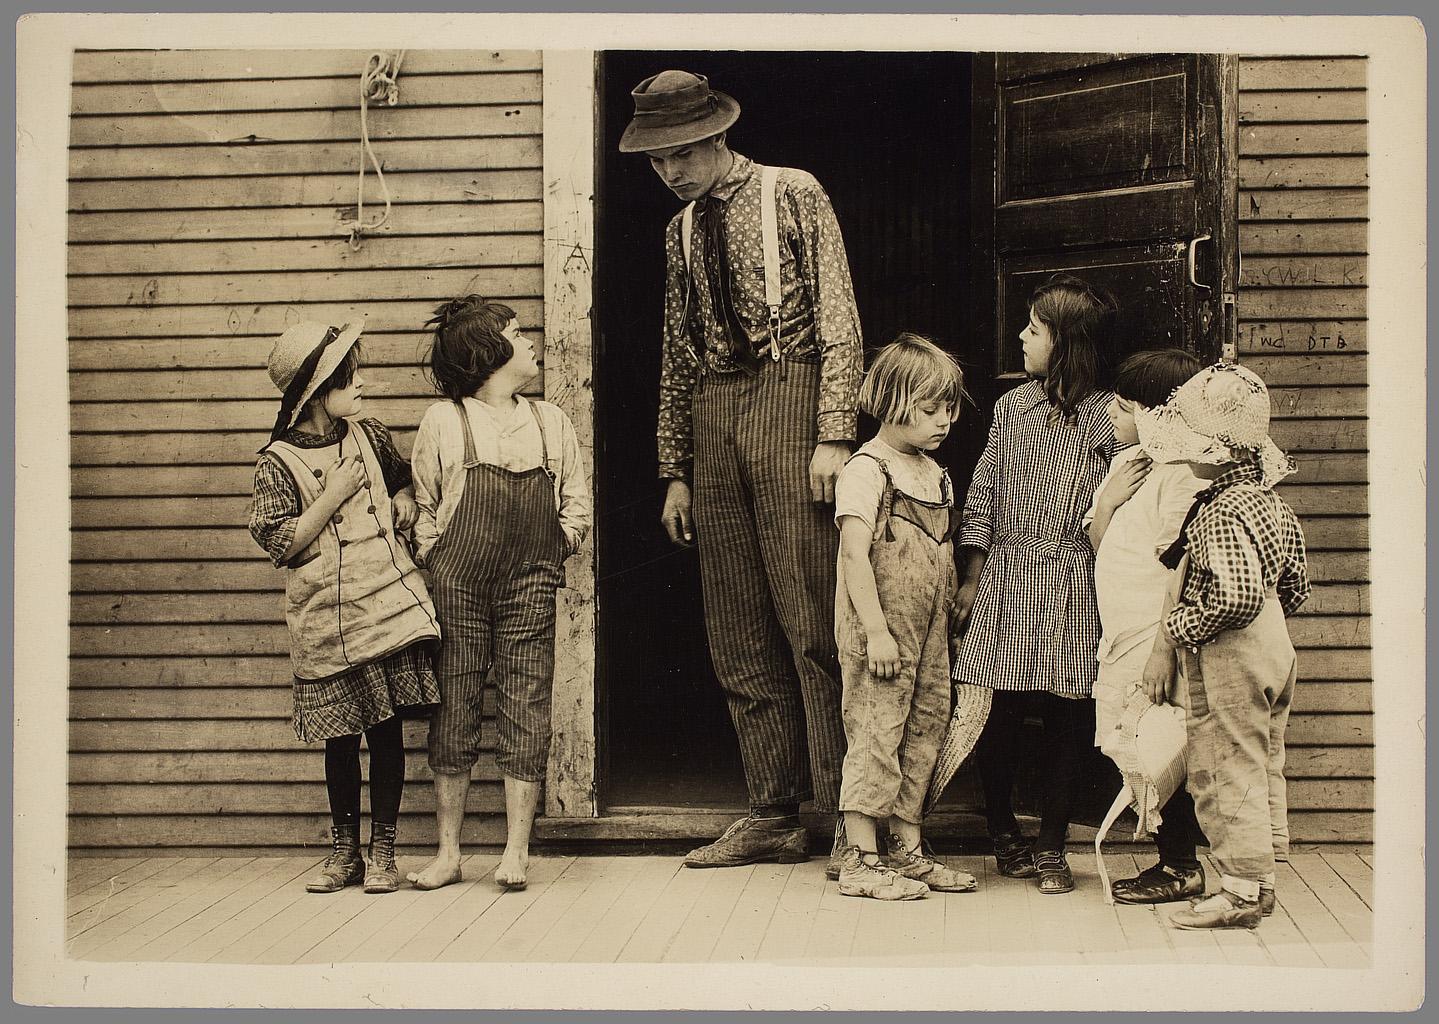 Sidney A. Franklin, Little Schoolma'am. Coll. Cinémathèque française. D.R.